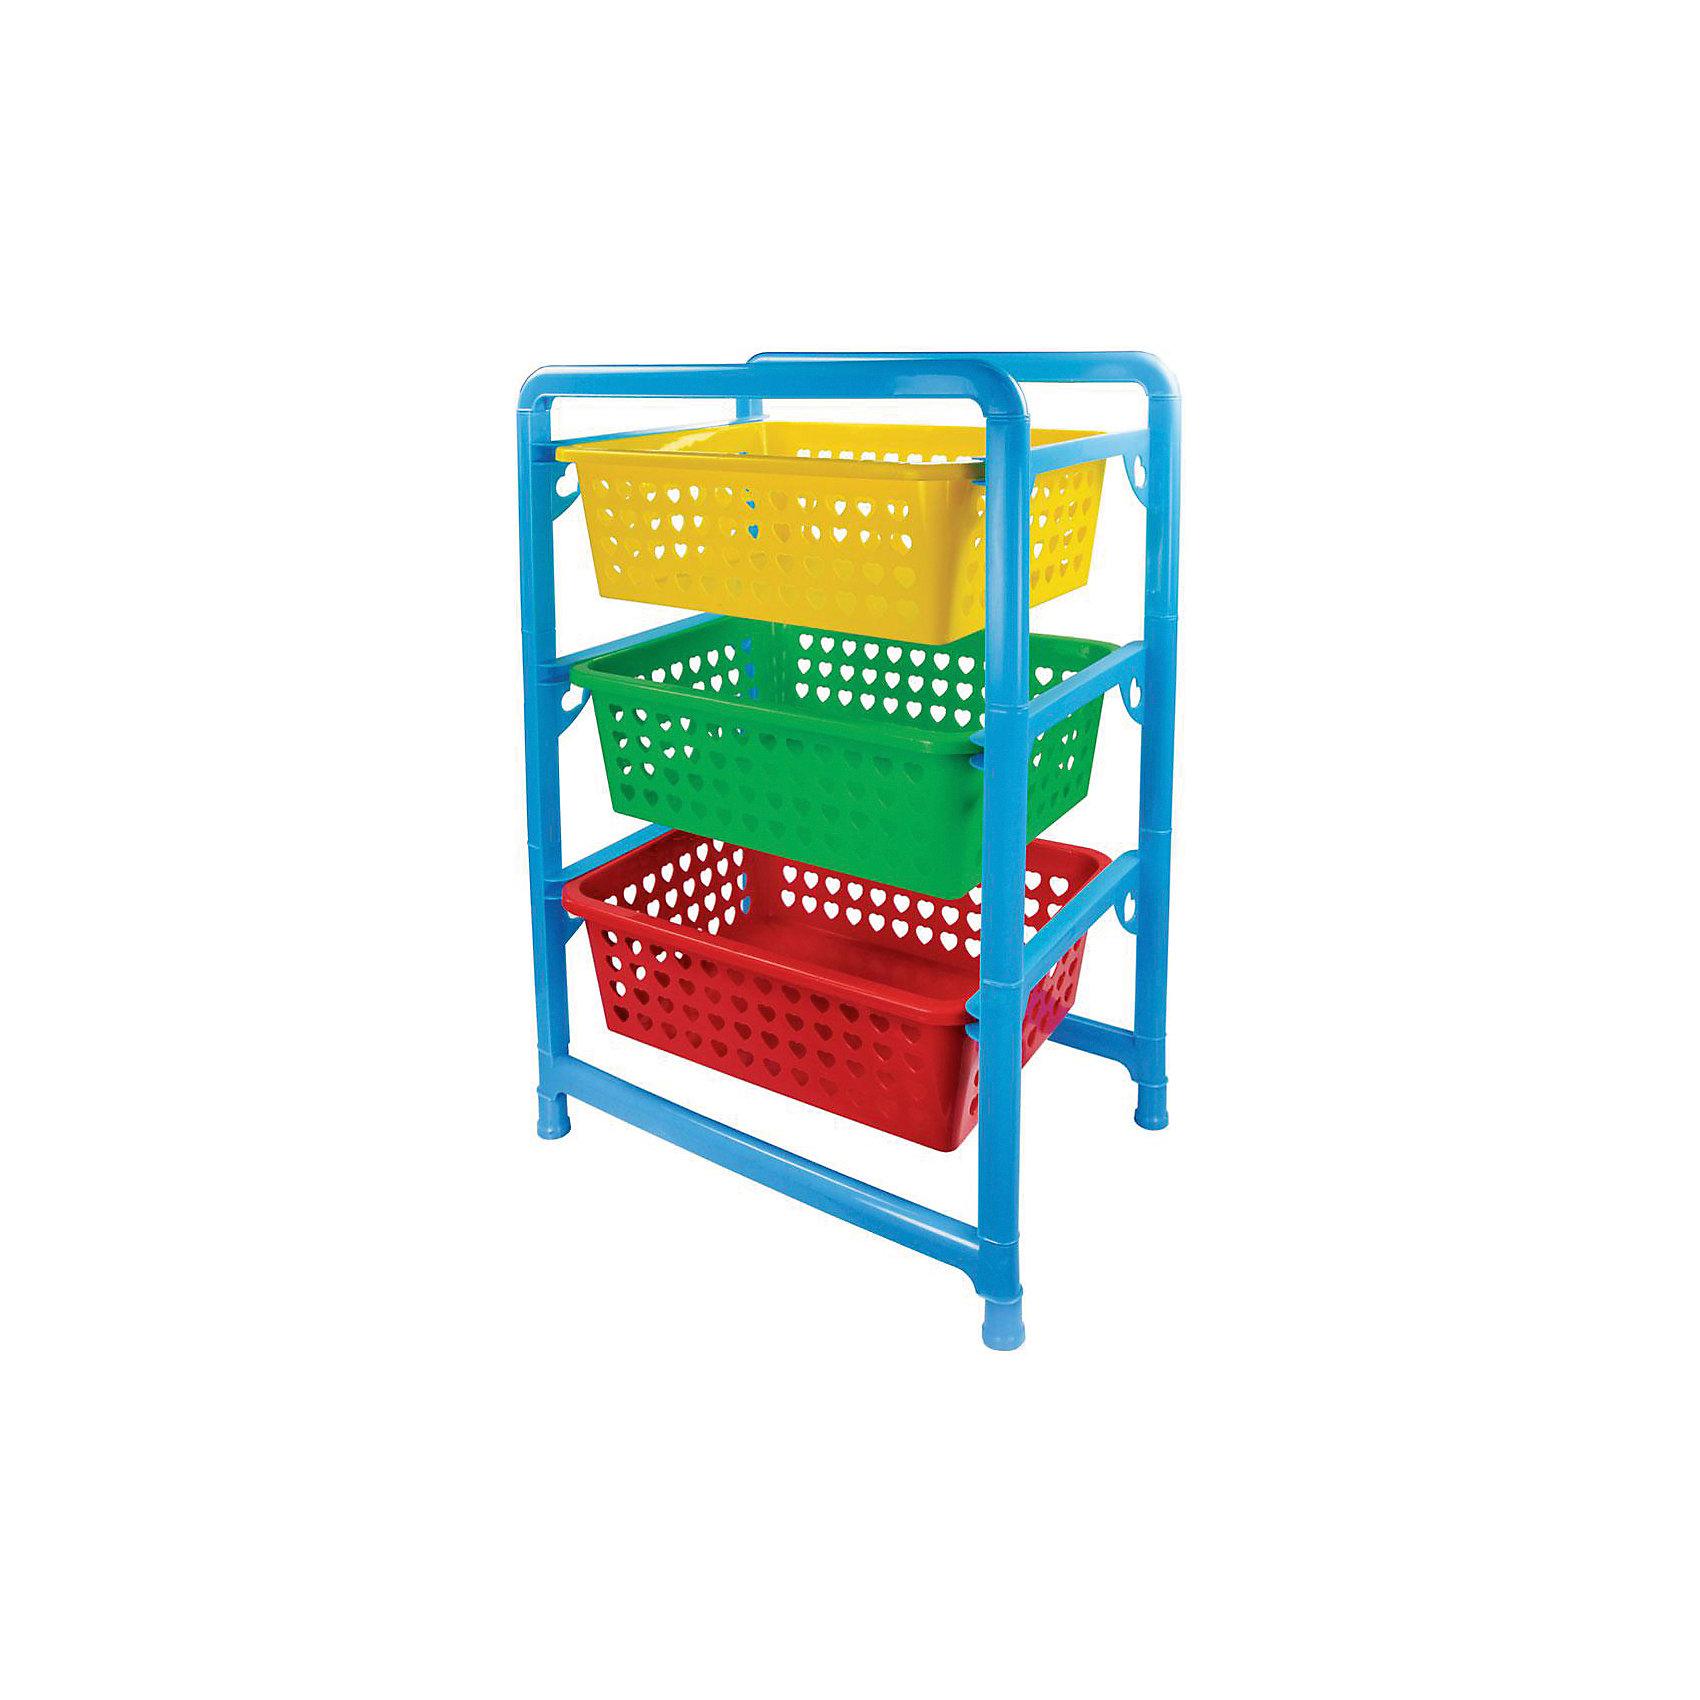 Этажерка для игрушек 3-х секц. ,  AlternativaПорядок в детской<br>Этажерка для игрушек имеет 3 секции разных цветов, которые легко достать при необходимости. Ребенку будет удобно рассортировать свои игрушки по разным секциям. А благодаря яркому дизайну, собирать игрушки будет весело и интересно!<br><br>Дополнительная информация:<br>Материал: пластик<br>Размеры: 45х31х64 см<br><br>Этажерку для игрушек вы можете приобрести в нашем интернет-магазине.<br><br>Ширина мм: 450<br>Глубина мм: 310<br>Высота мм: 640<br>Вес г: 1375<br>Возраст от месяцев: 36<br>Возраст до месяцев: 144<br>Пол: Унисекс<br>Возраст: Детский<br>SKU: 4979806